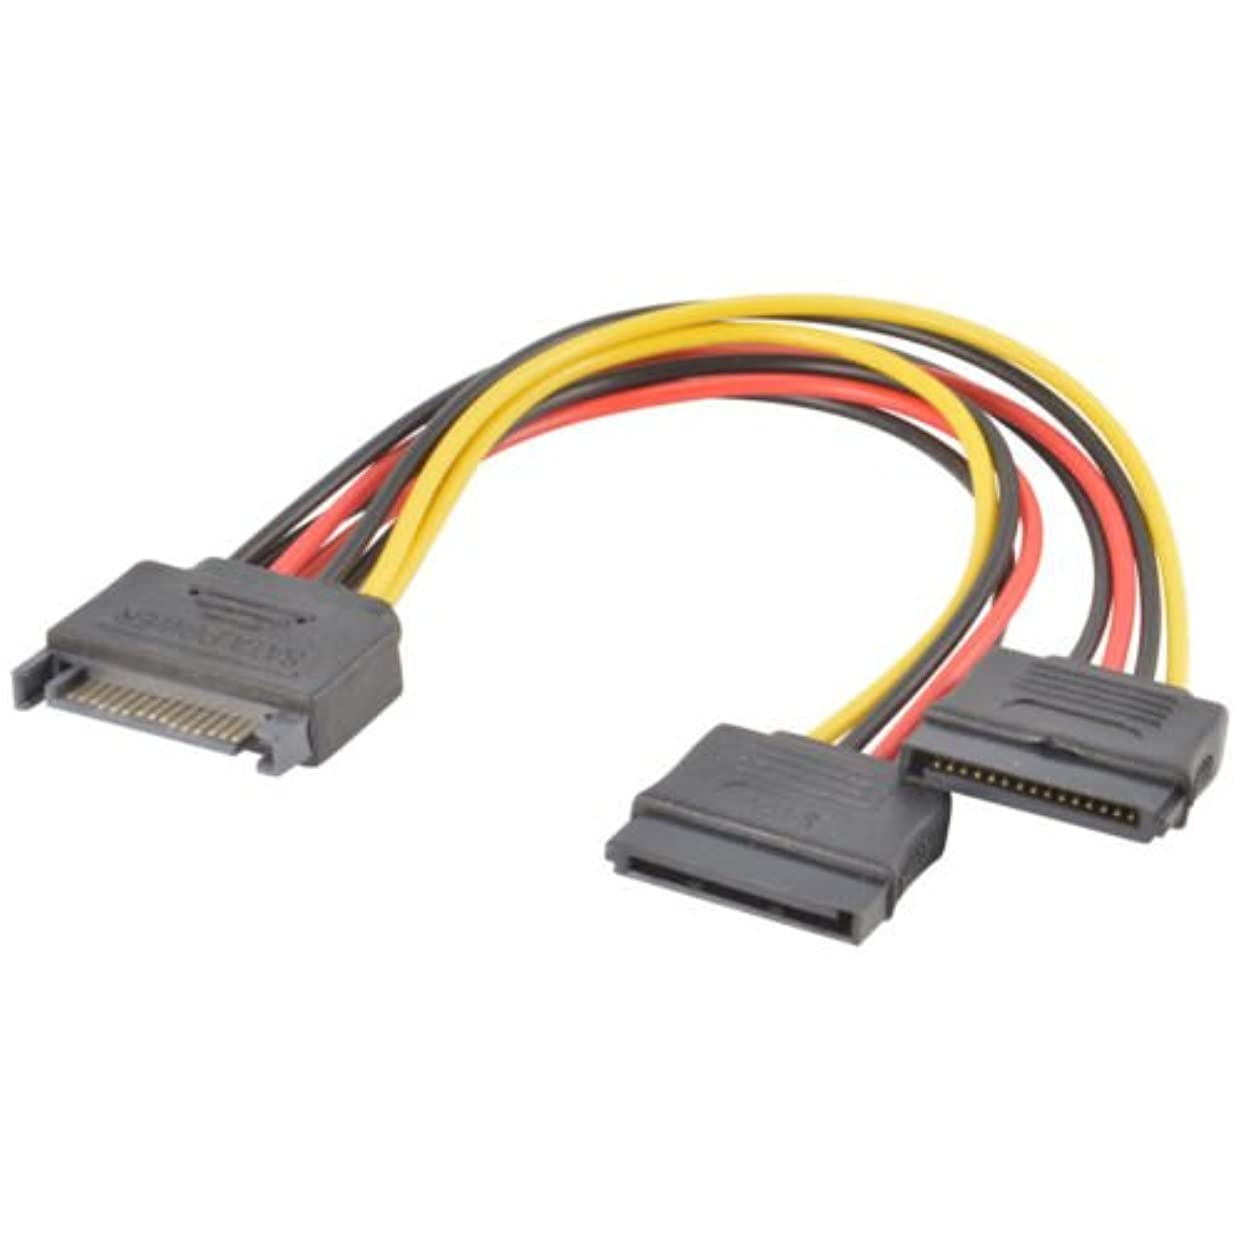 できる反動幾分gozebra (TM) SATA電源15ピンy-splitterケーブルアダプタオスtoメスのHDDハードドライブホット